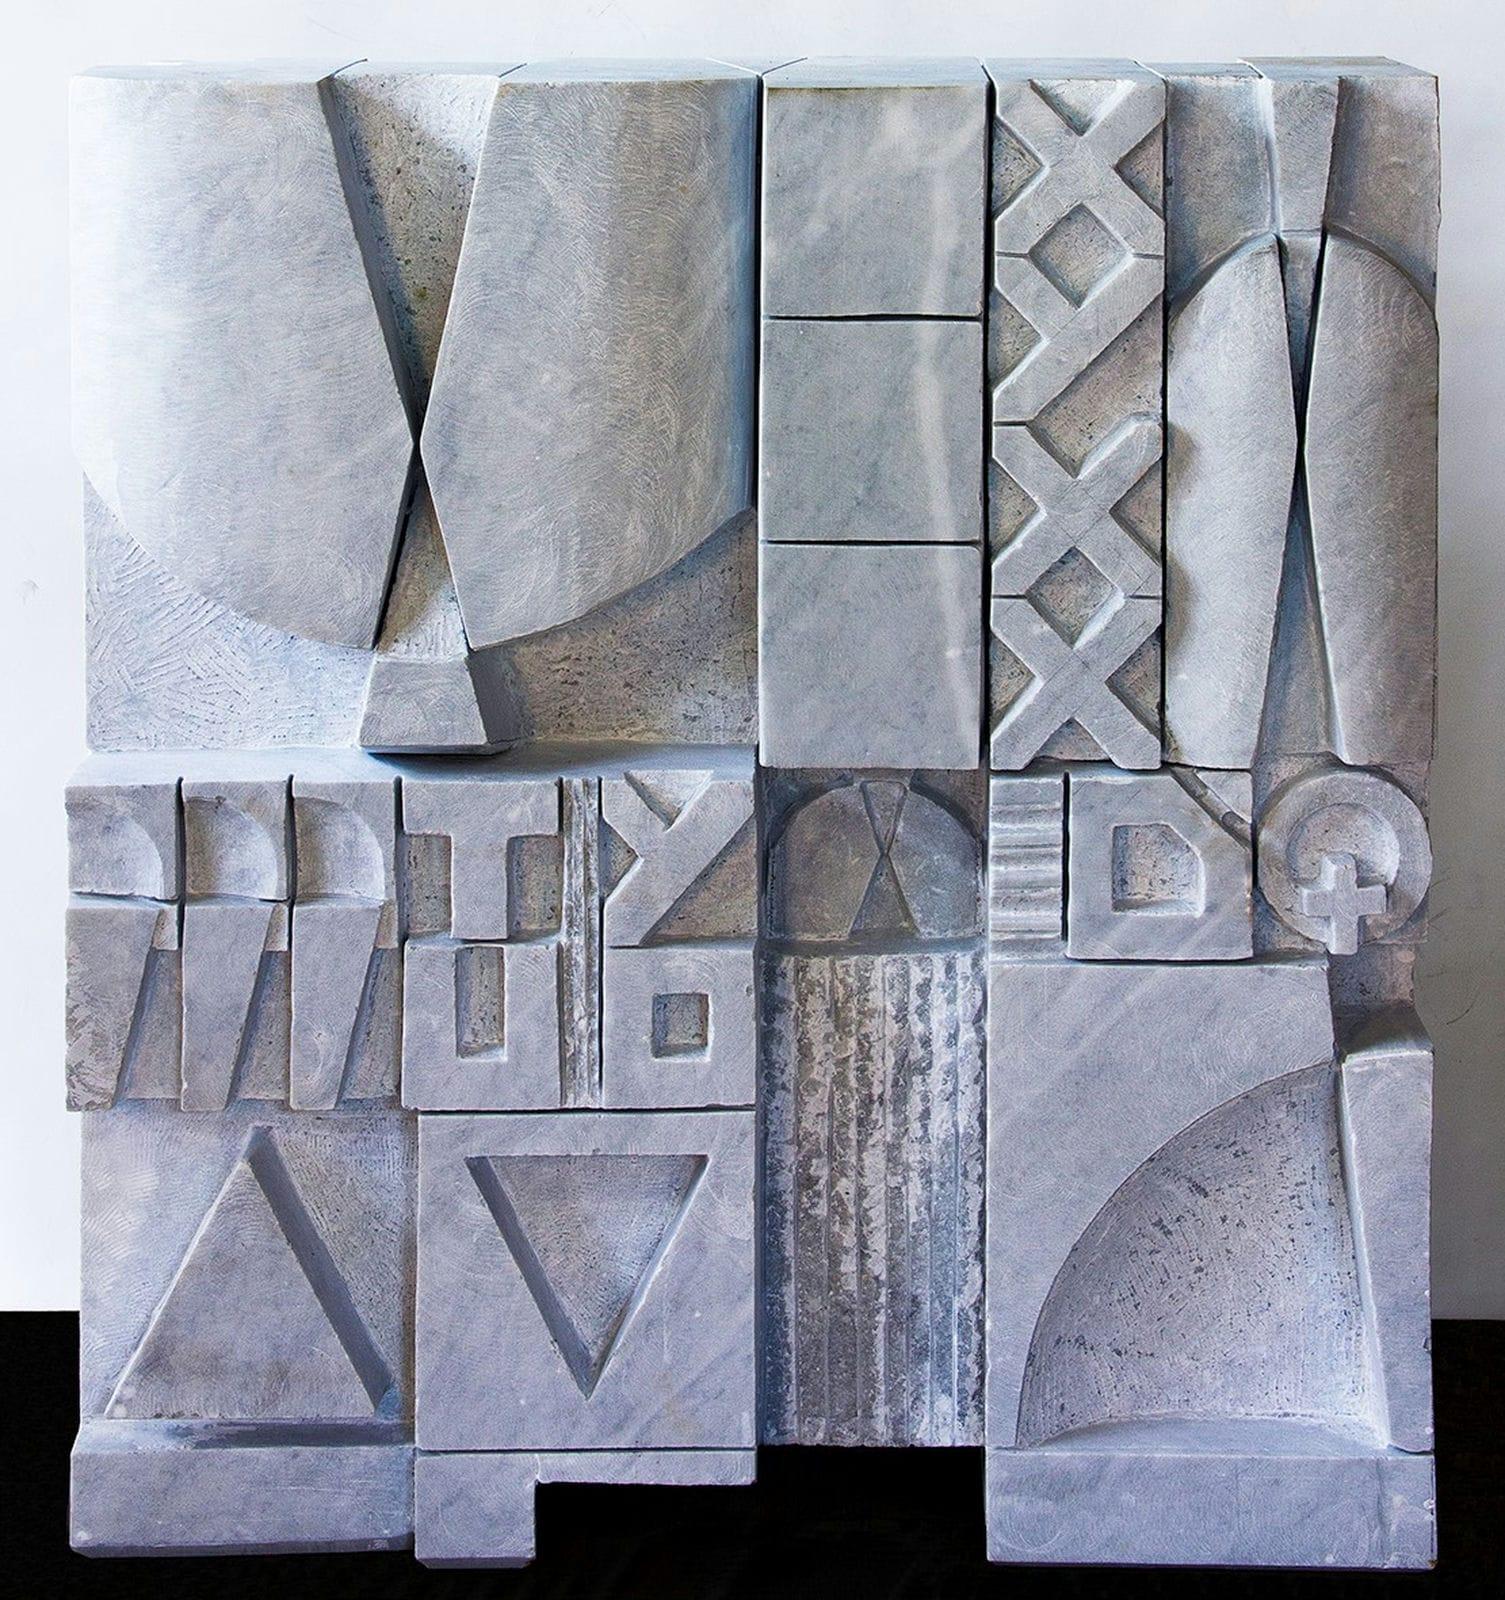 De la serie Tu y yo escriTuras sin Tiempo. 2017. Talla mármol de Carrara. 107 x 97 x 35 cm. 42 x 38 x 13.7 in. VmA 025